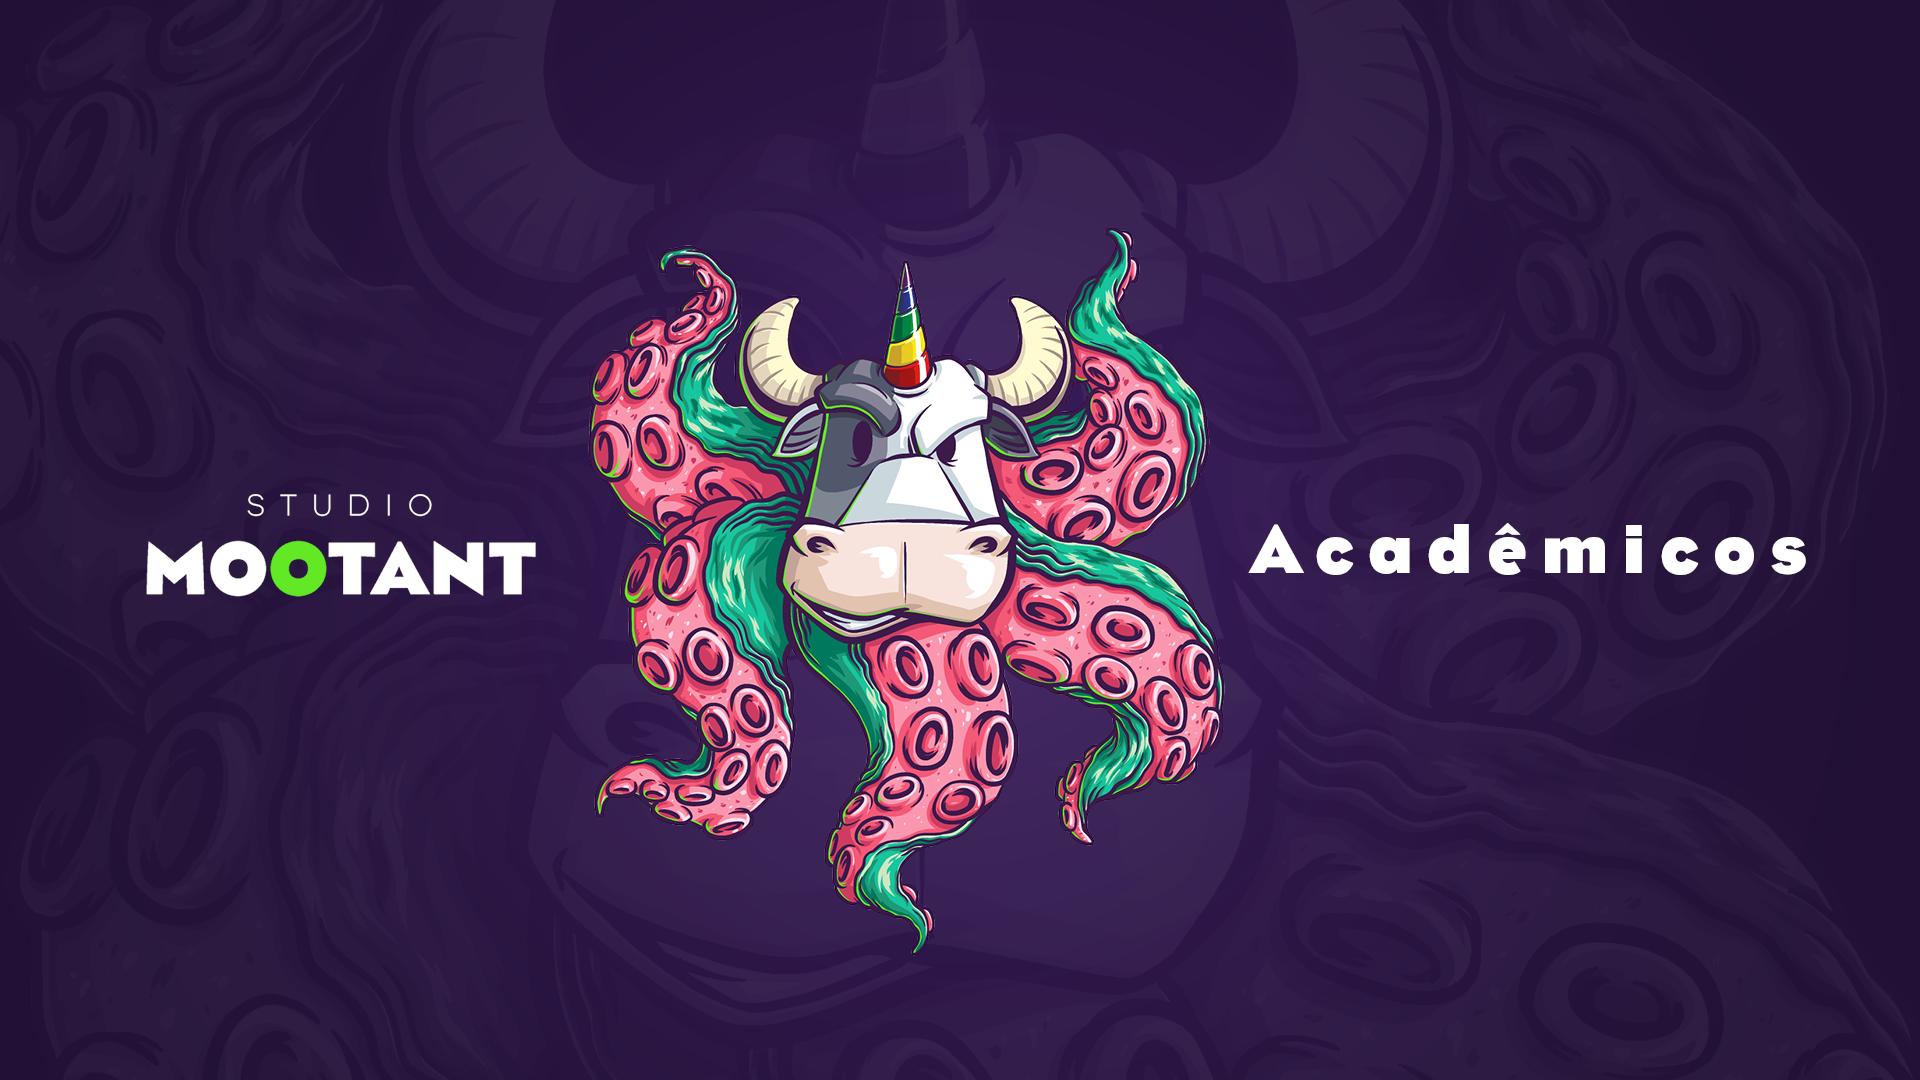 Mascotes Acadêmicos